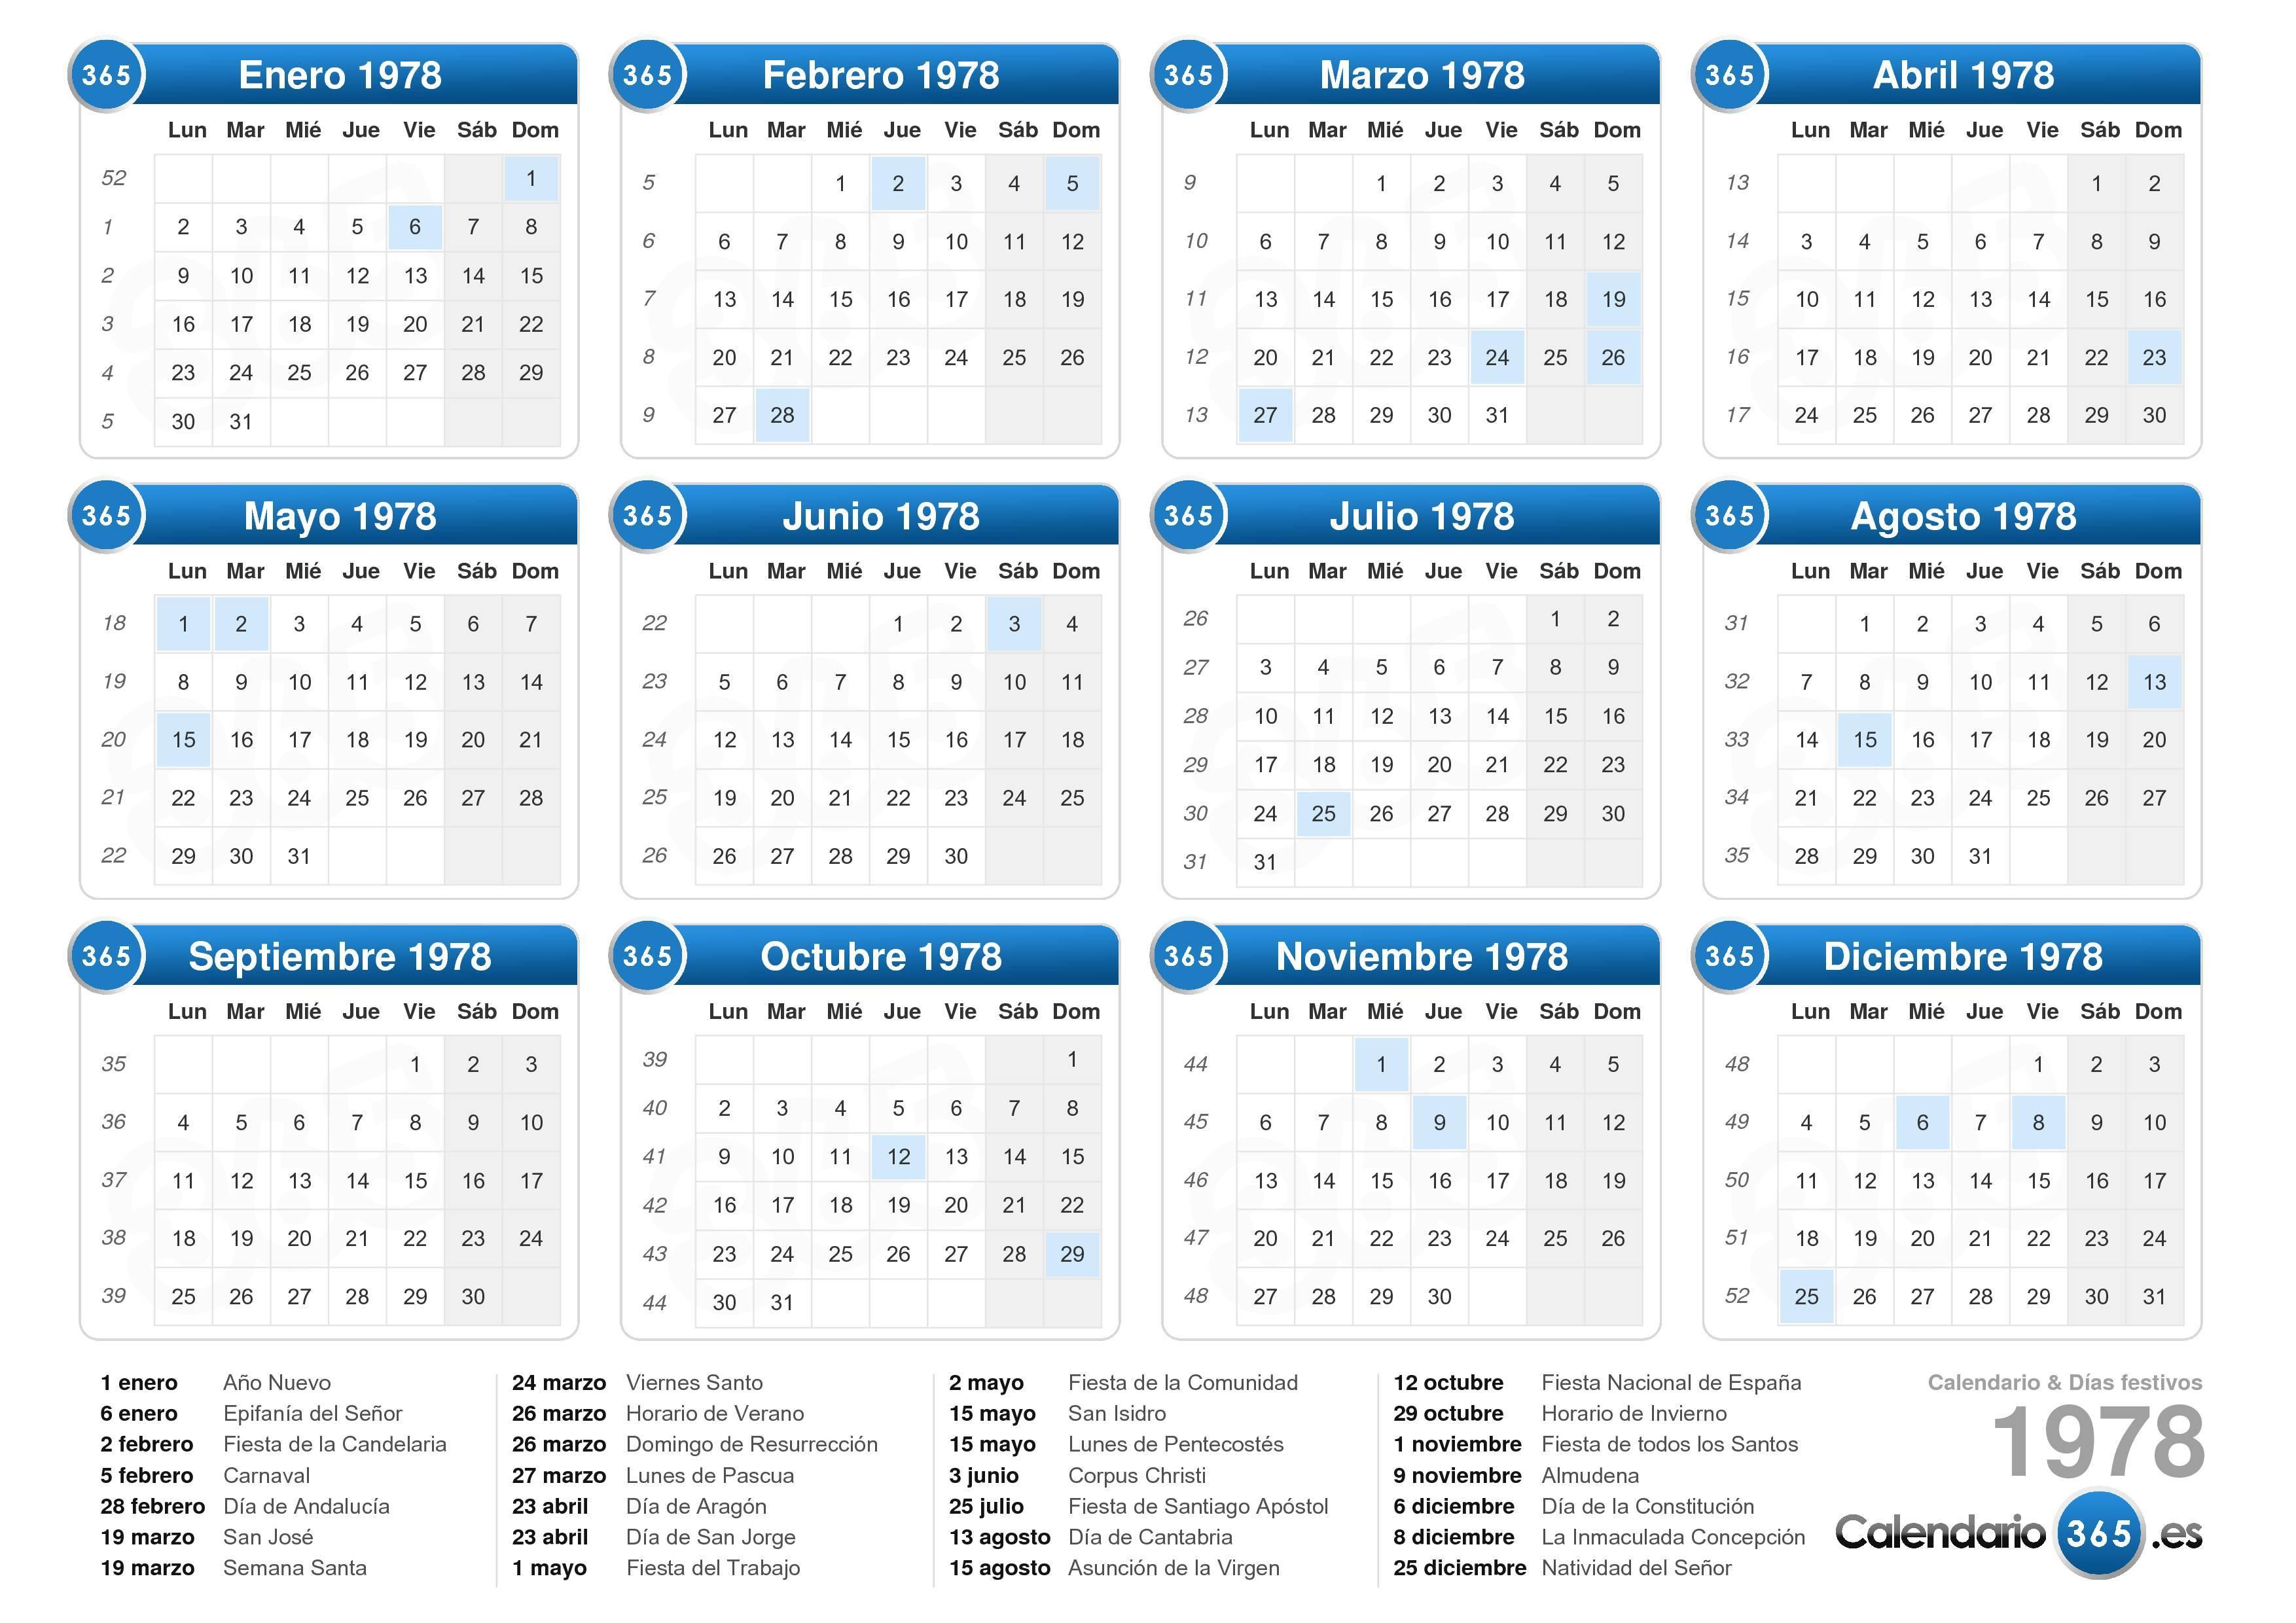 1978 Calendario.Calendario 1978